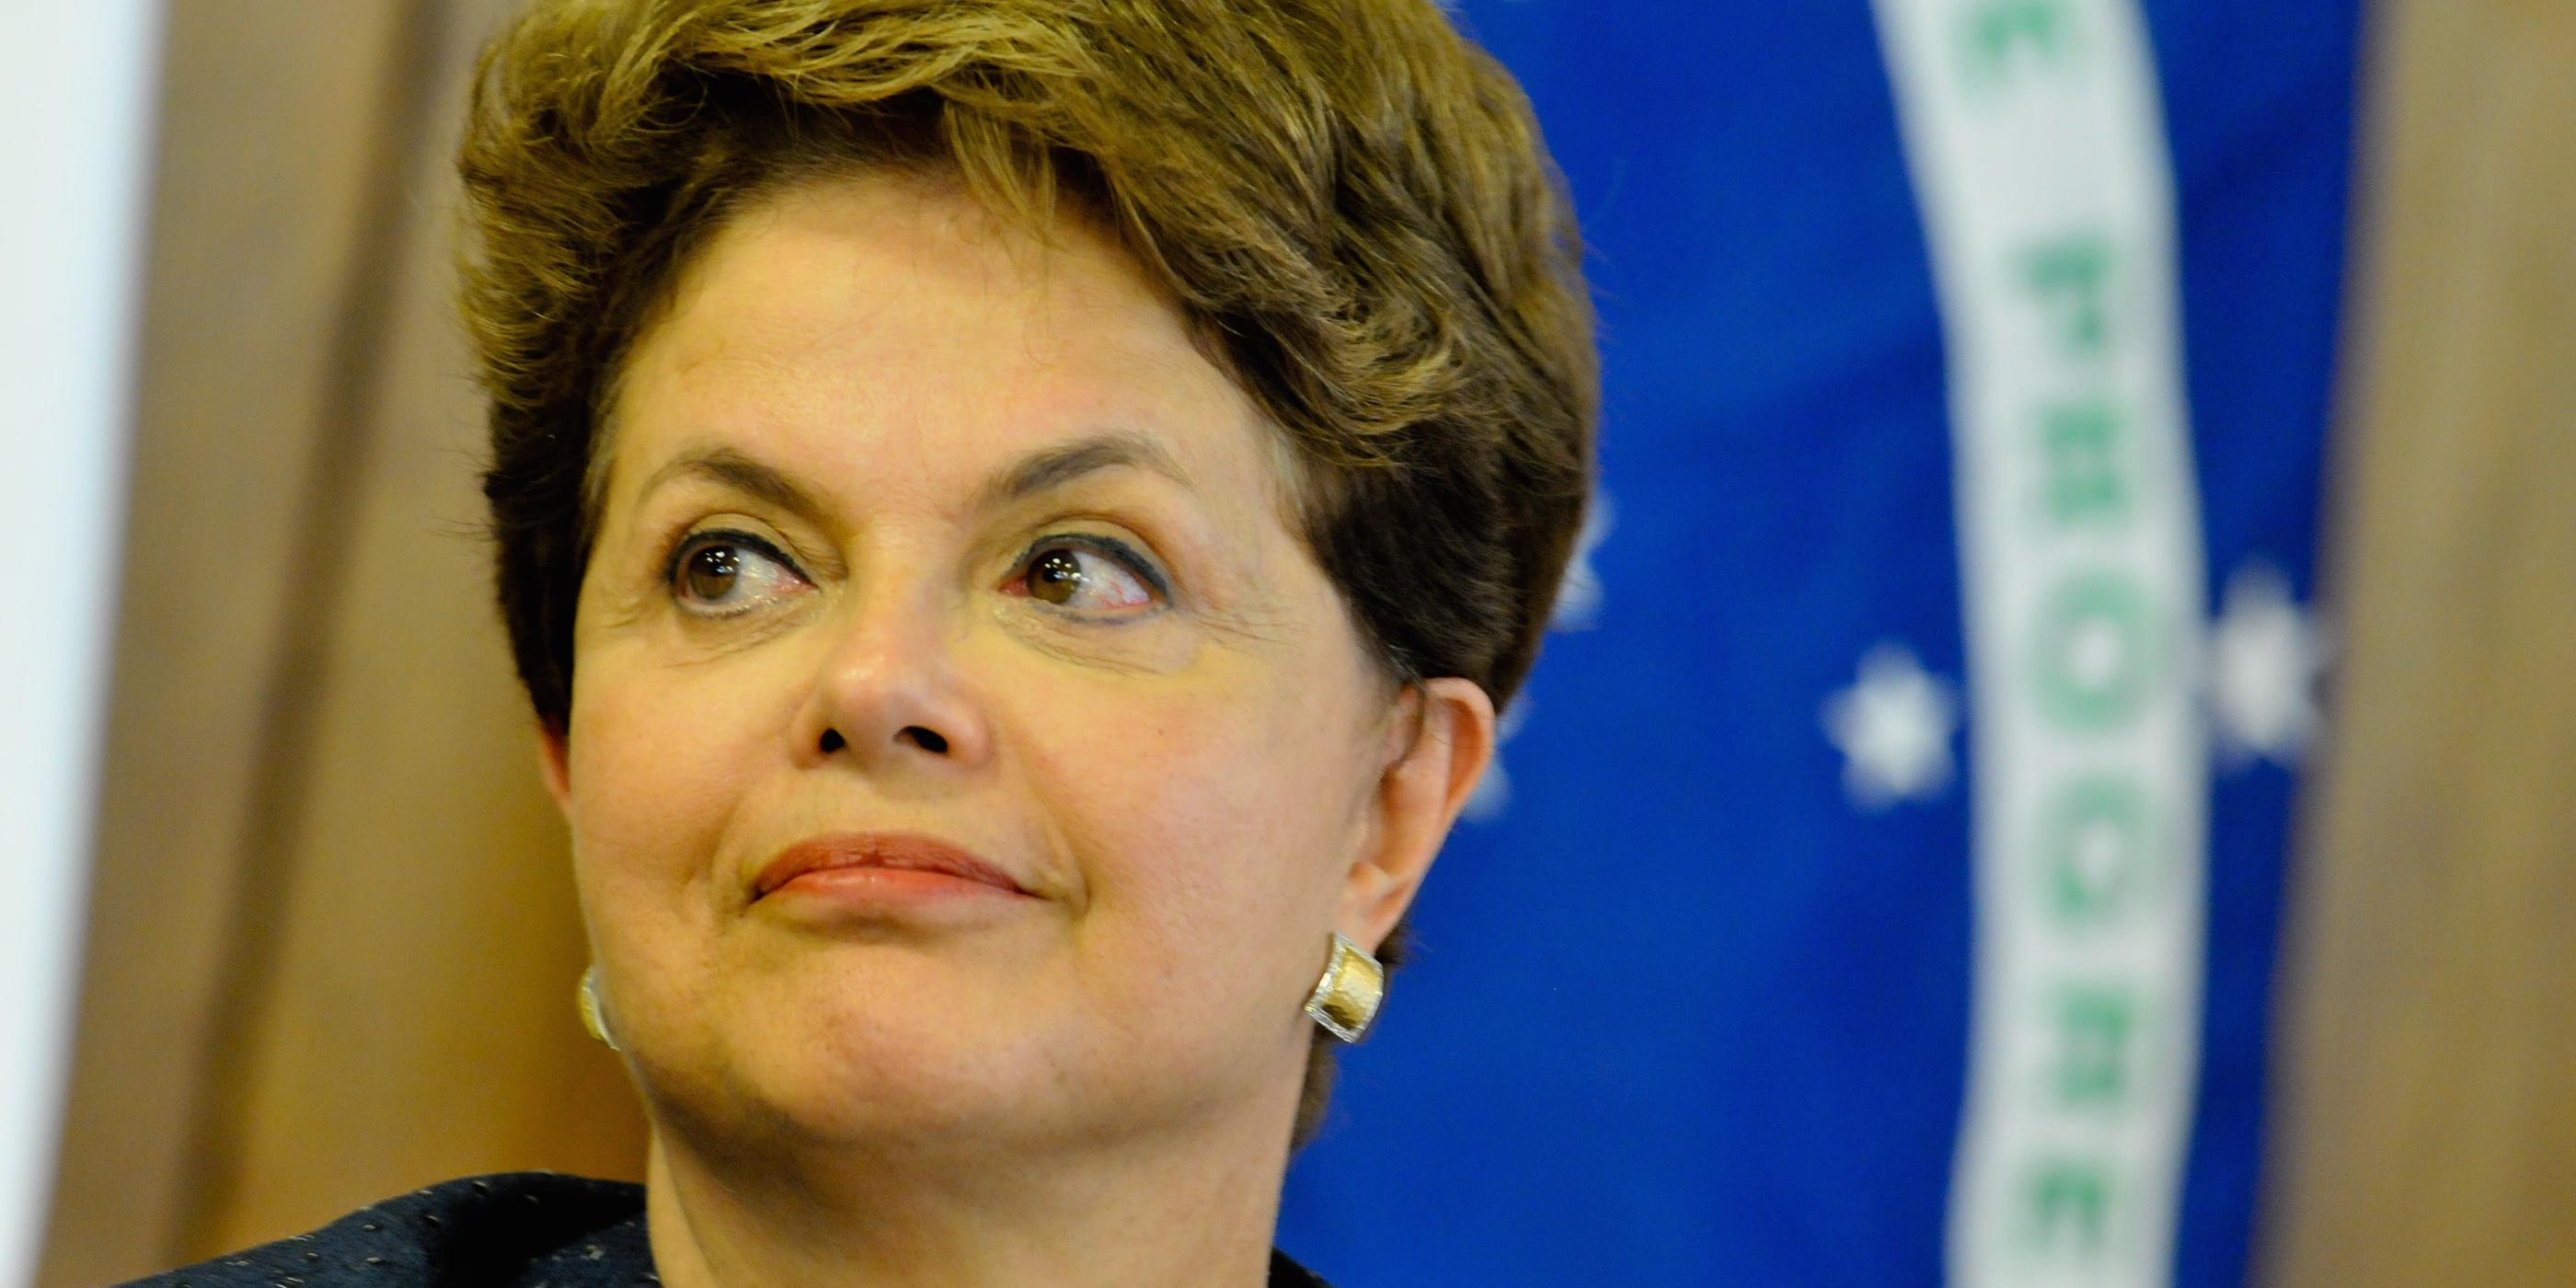 """DF - DILMA/FILLON - POLÕTICA - A presidente Dilma Rousseff e fala ‡ imprensa apÛs reuni""""o com o primeiro-ministro da FranÁa, FranÁois Fillon,  no Pal·cio do Planalto, em BrasÌlia,   nesta quinta-feira.   15/12/2011 - Foto: PEDRO LADEIRA/FRAME/AE"""